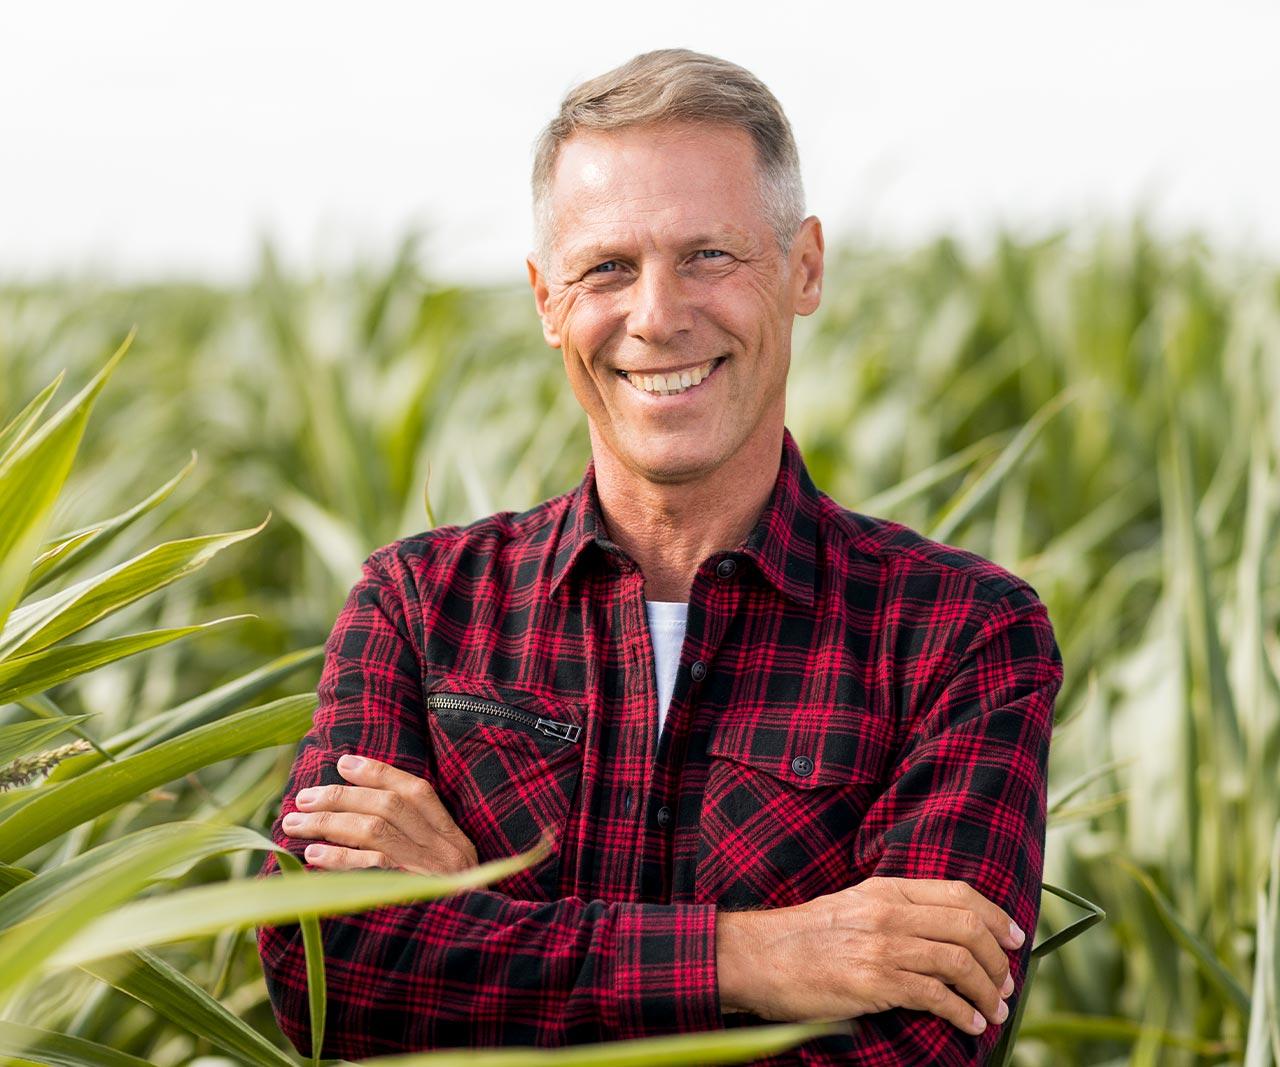 ecofood-guy-in-field